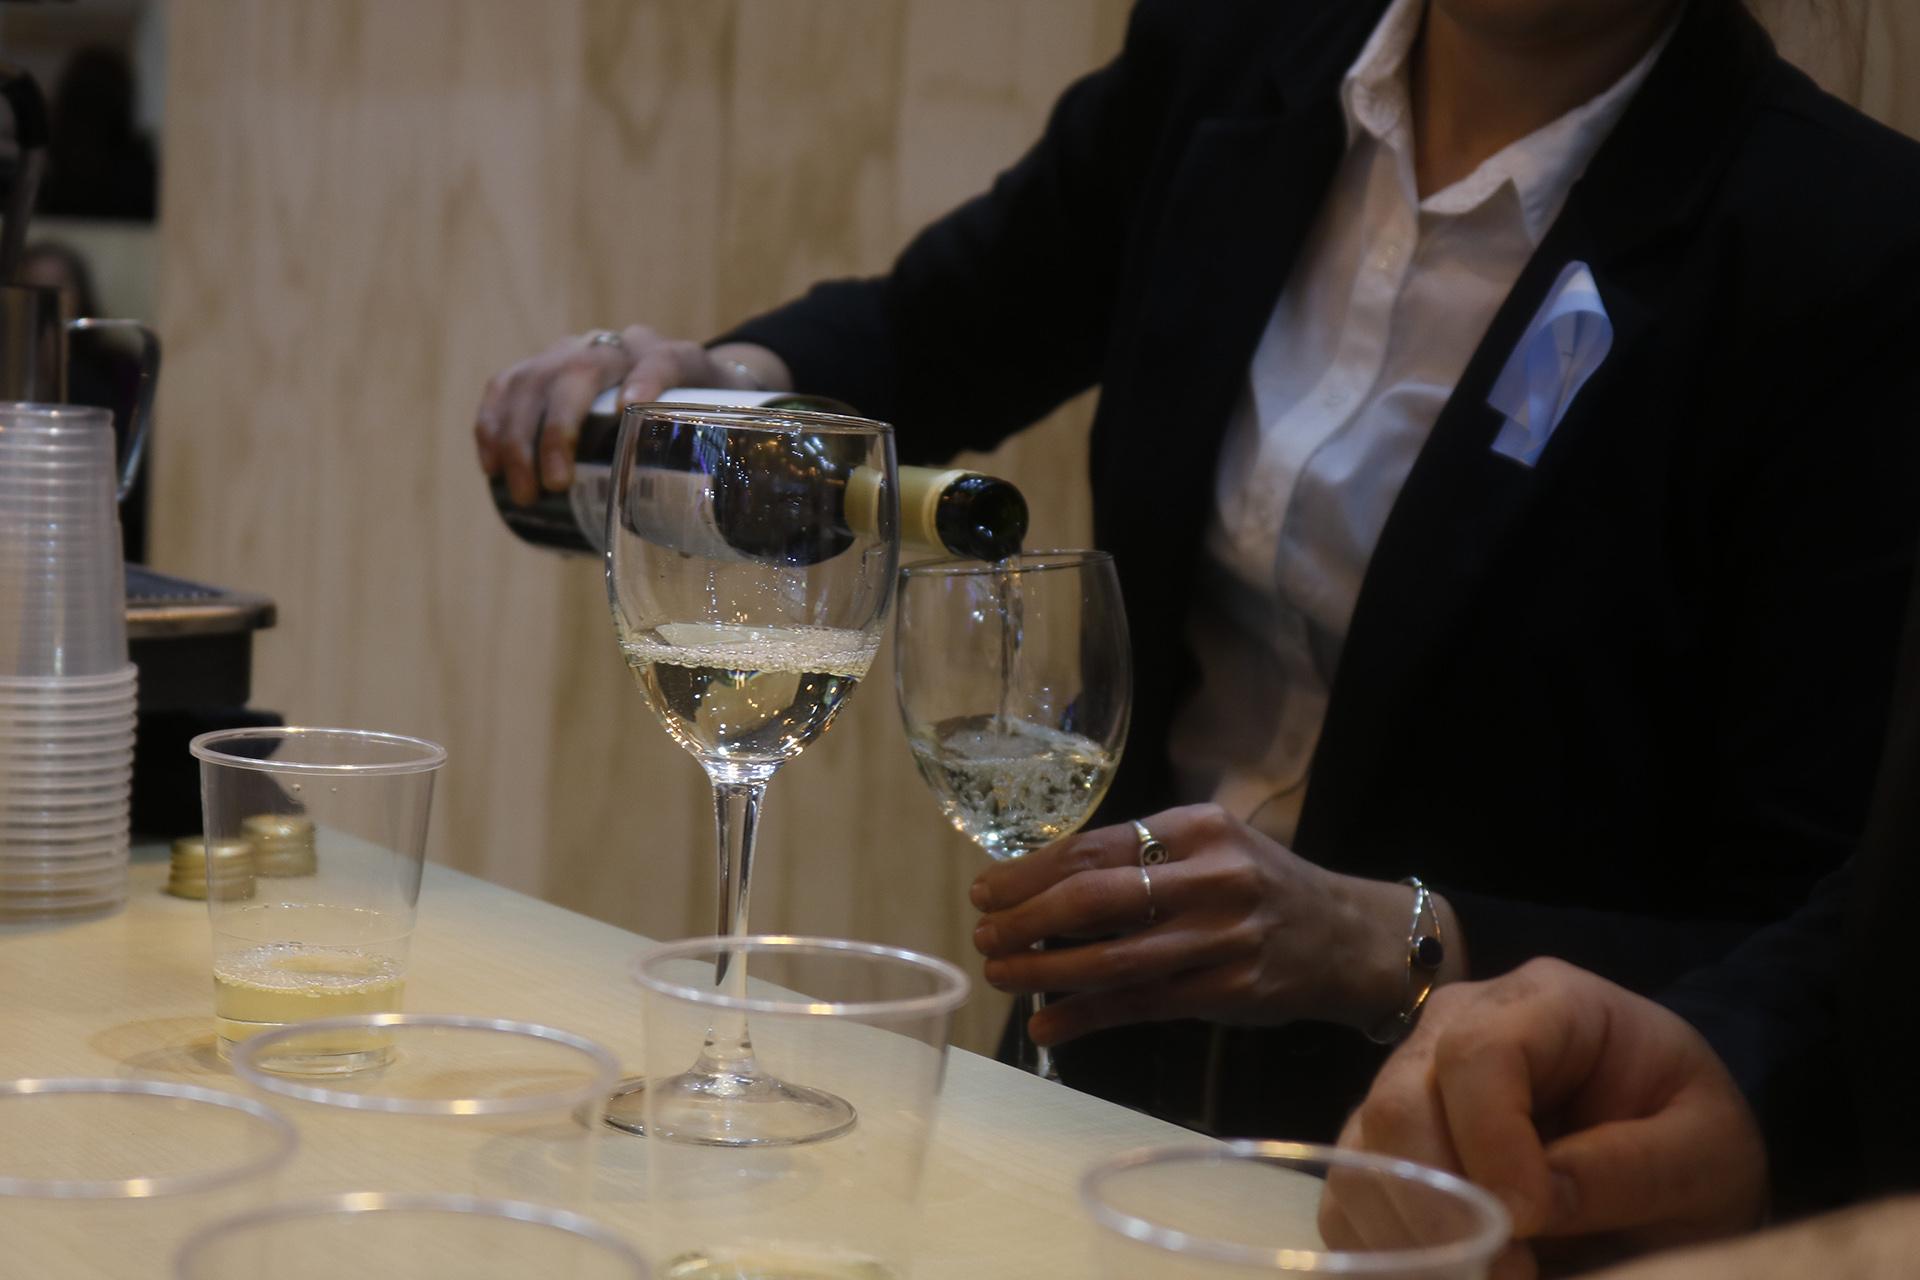 Los vinos argentinos, también presentes. Santos y el gobernador de Mendoza, Alfredo Cornejo, presentaron la oferta vitivinícola en el stand de la Asociación Española de Enoturismo. Además, Argentina, Mendoza y Nouvelle-Aquitaine firmaron un convenio de Cooperación para que el país sea Viñedo Invitado en La Cité du Vin de Bordeaux.